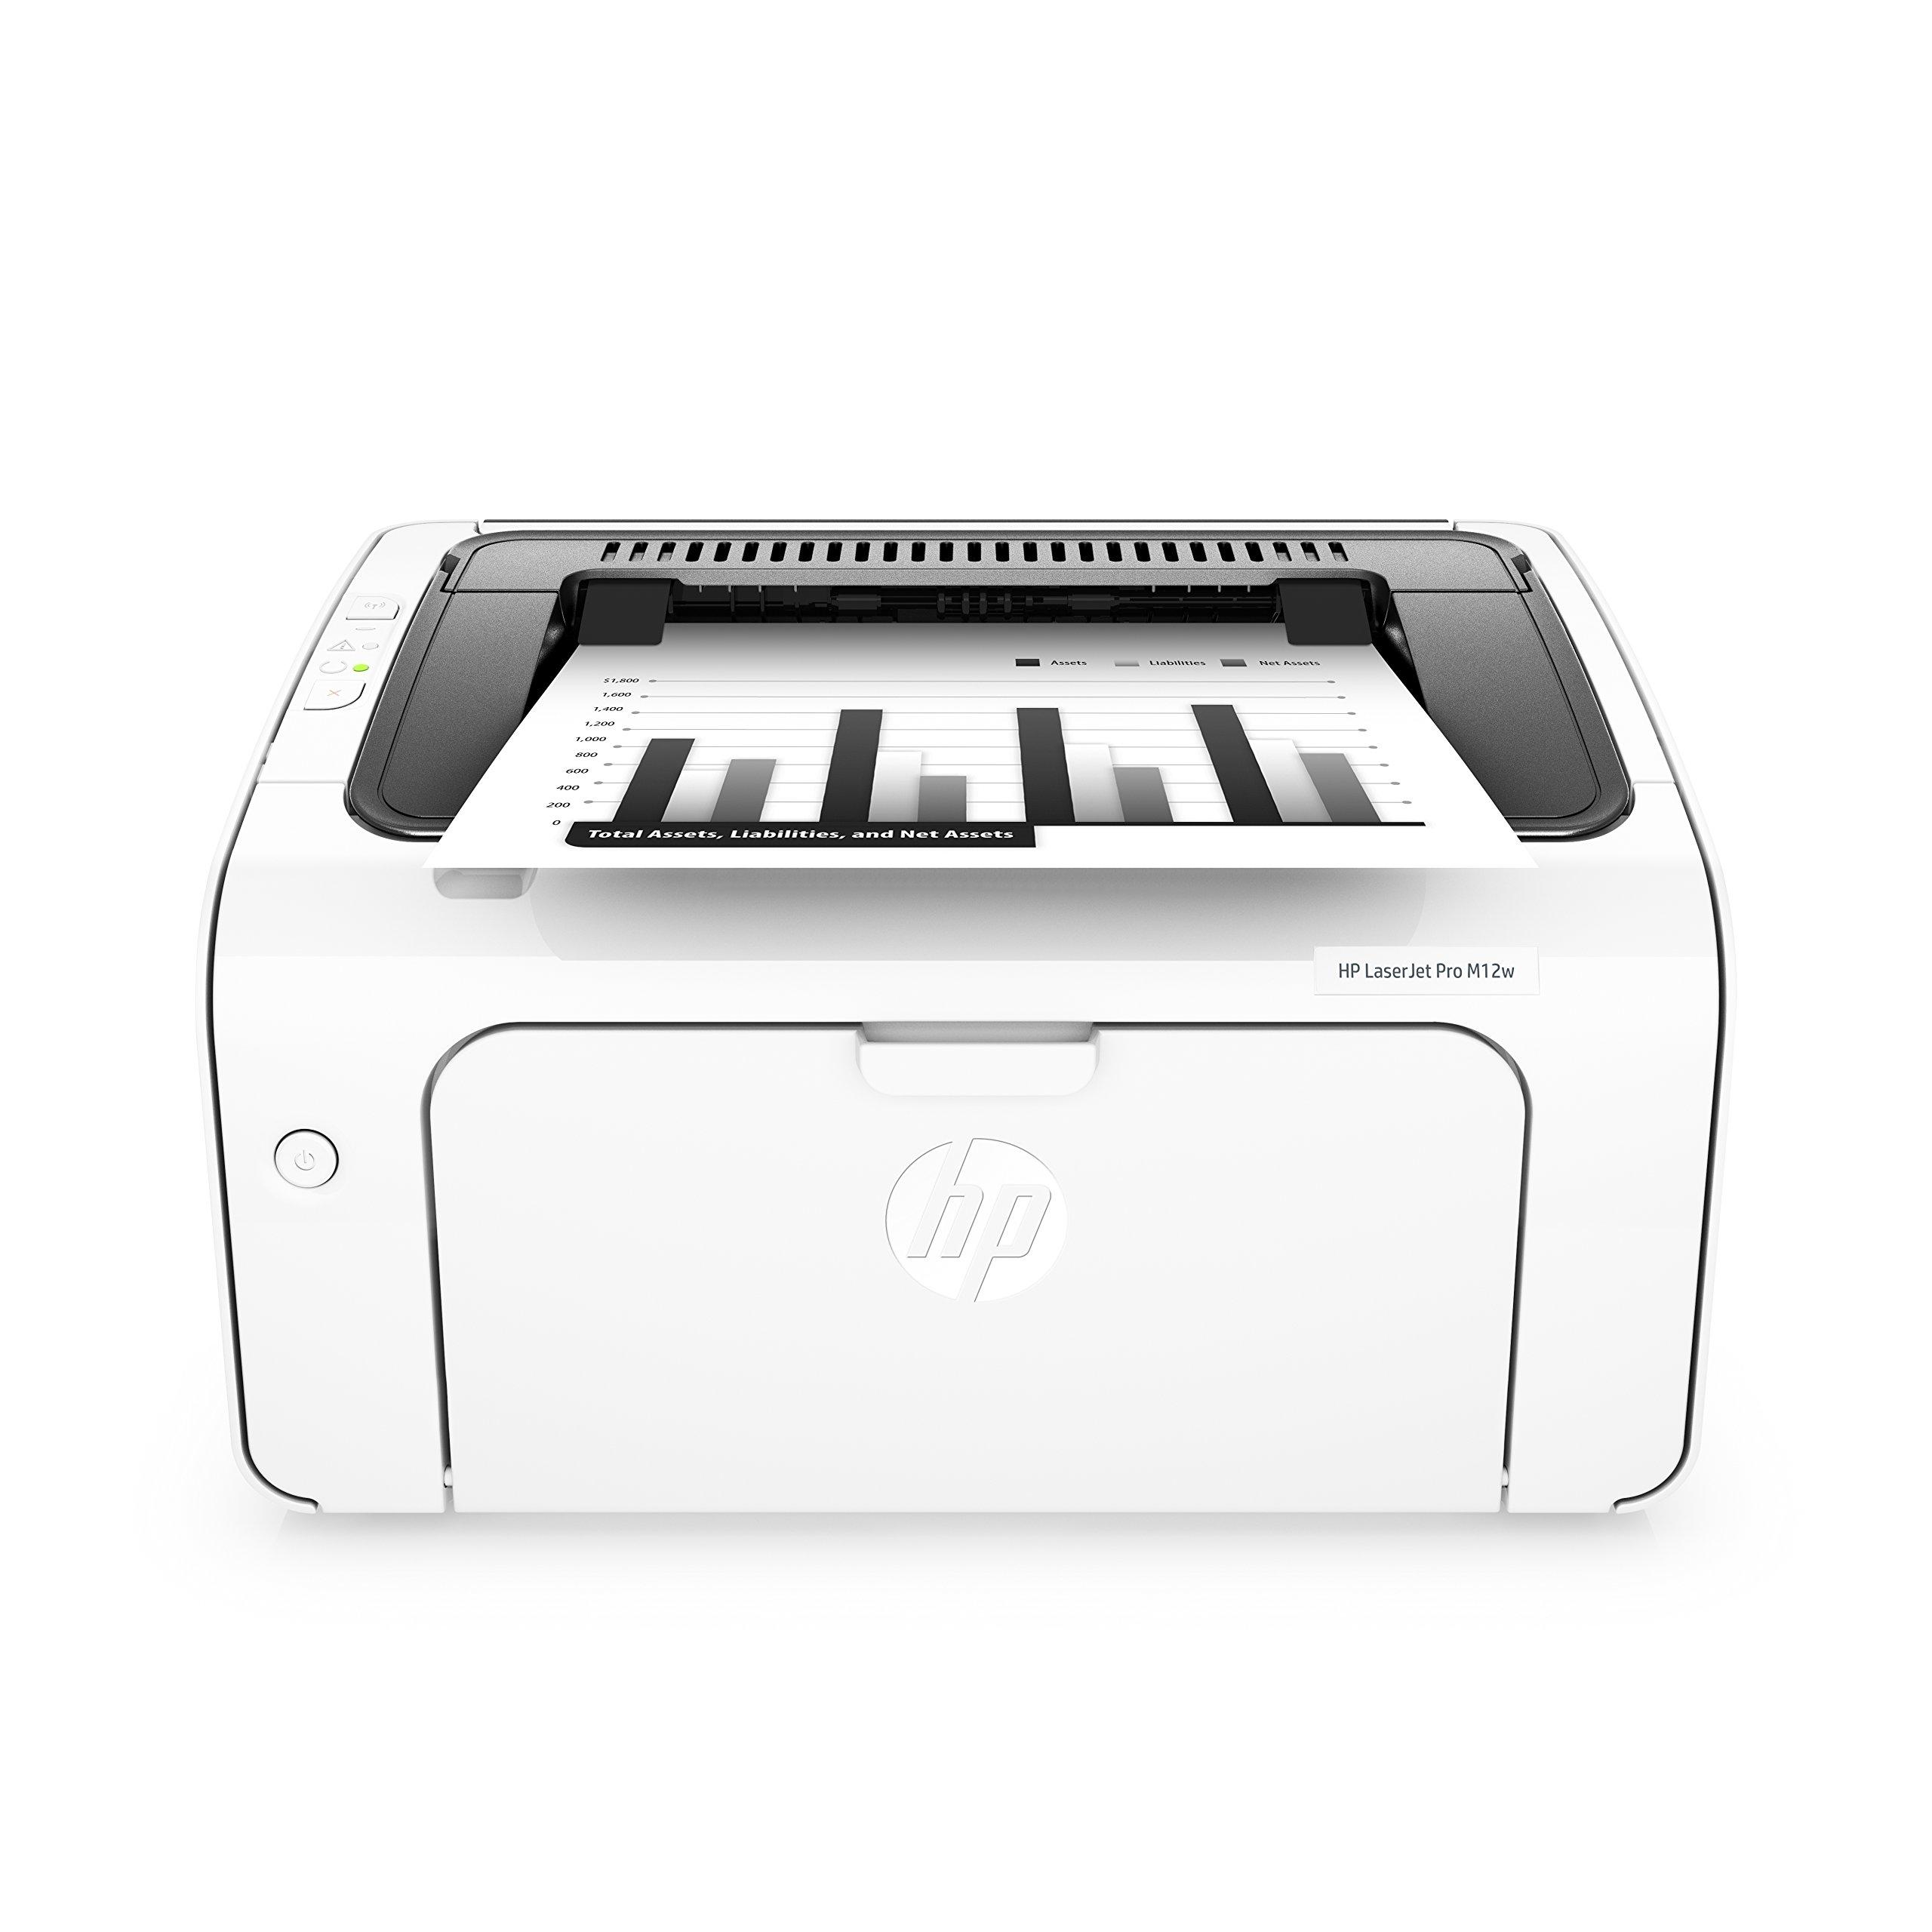 HP LaserJet Pro M12w Wireless Laser Printer (T0L46A)